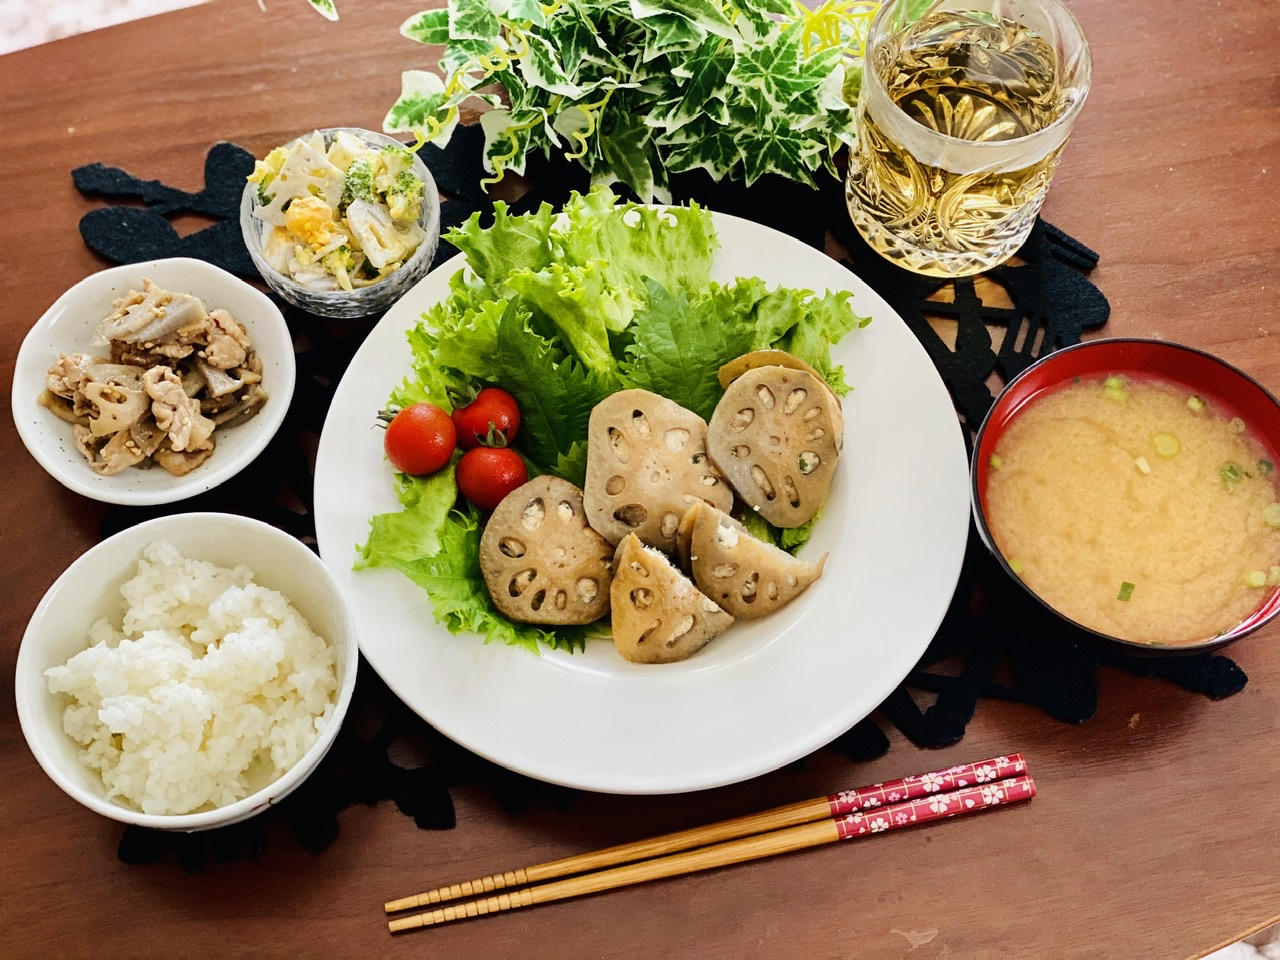 【今月のお家ごはん】アラサー女子の食卓!作り置きおかずでラク晩ご飯♡-Vol.16-_9